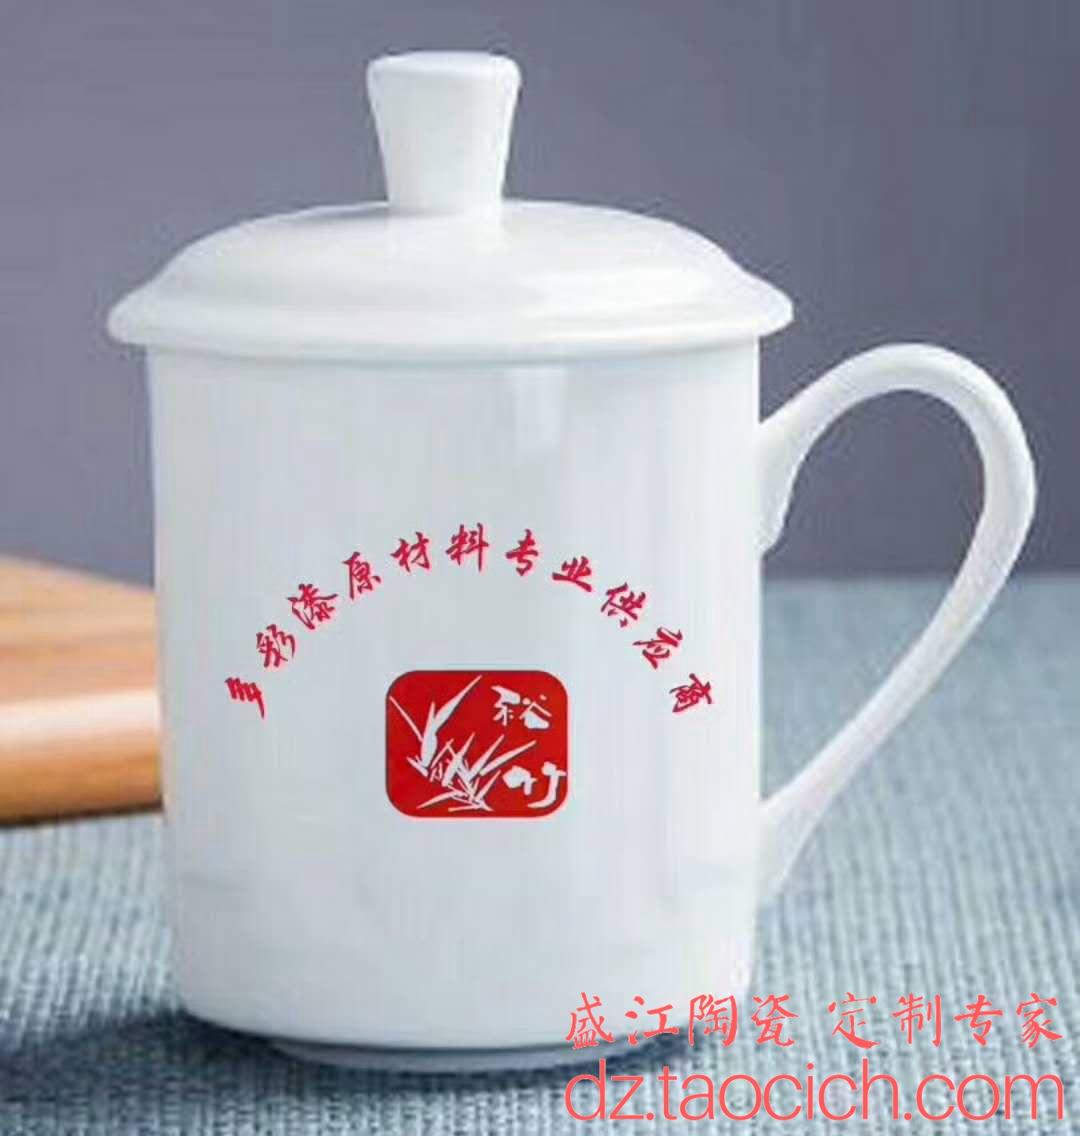 盛江陶瓷 多彩漆原材料专业供应商礼品杯定制成功案例